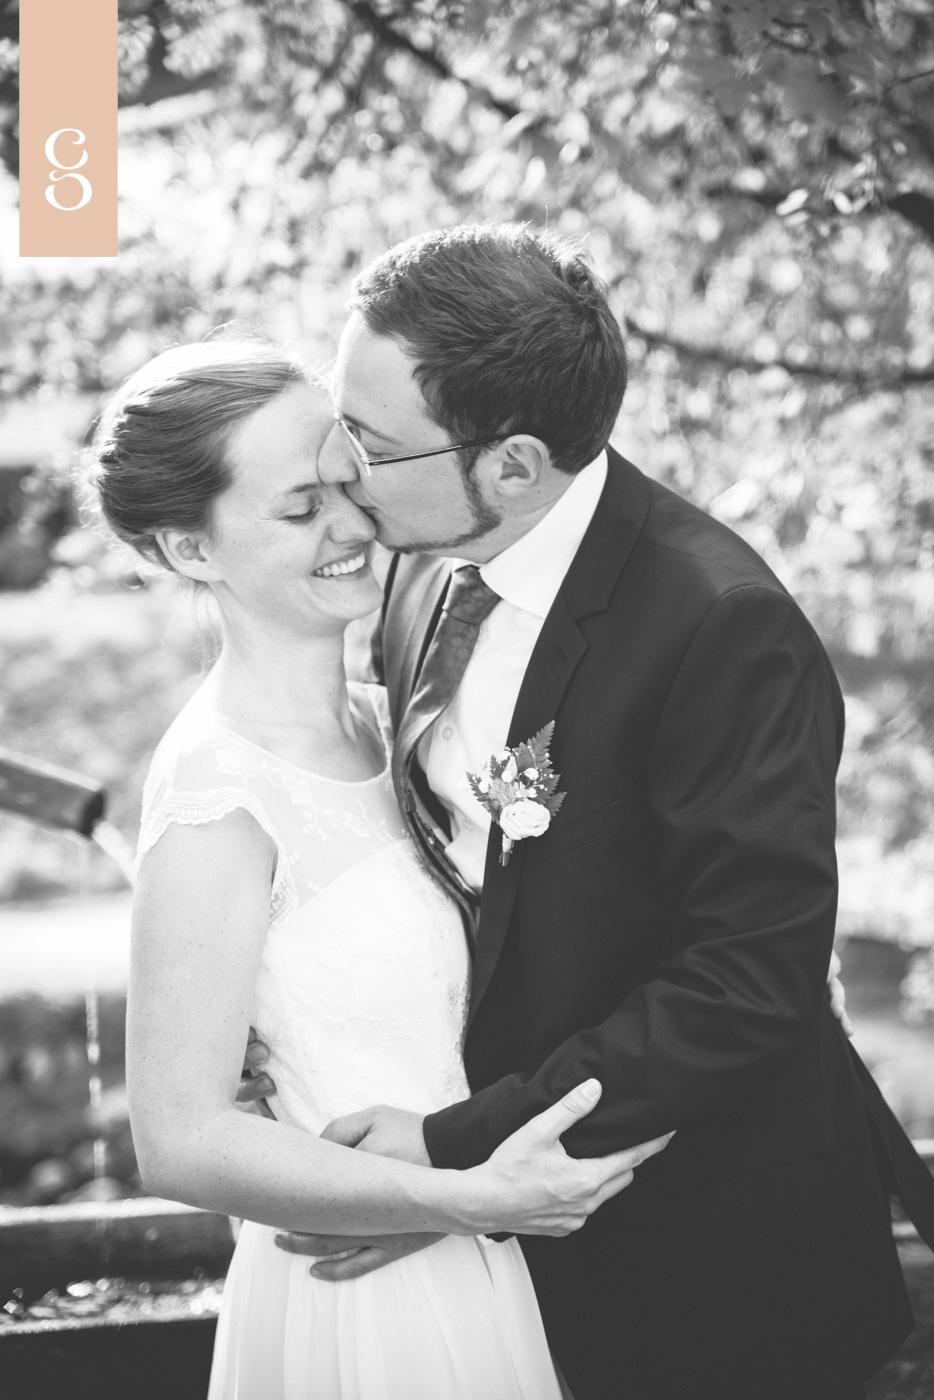 Fotograf_Goettges_Hochzeit_Wedding_Ramsau_Hintersee_Hirschbichl_Berchtesgaden_Hochzeitsfotograf-4